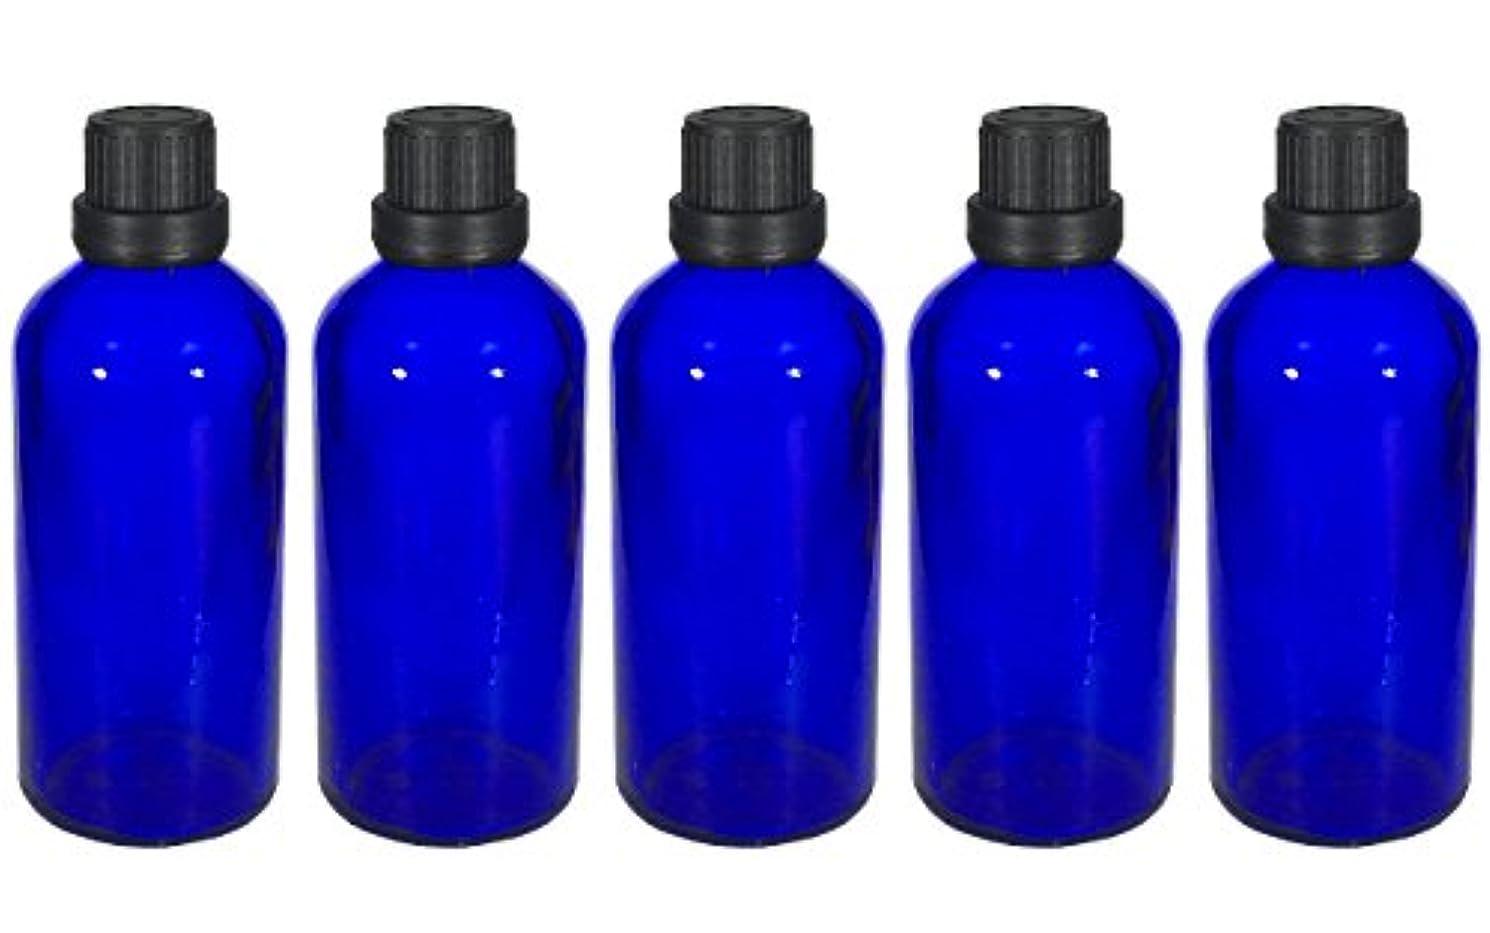 怖がって死ぬ周辺シーズン遮光瓶 100ml 5本セット ガラス製 アロマオイル エッセンシャルオイル 保存用 青色 ブルー